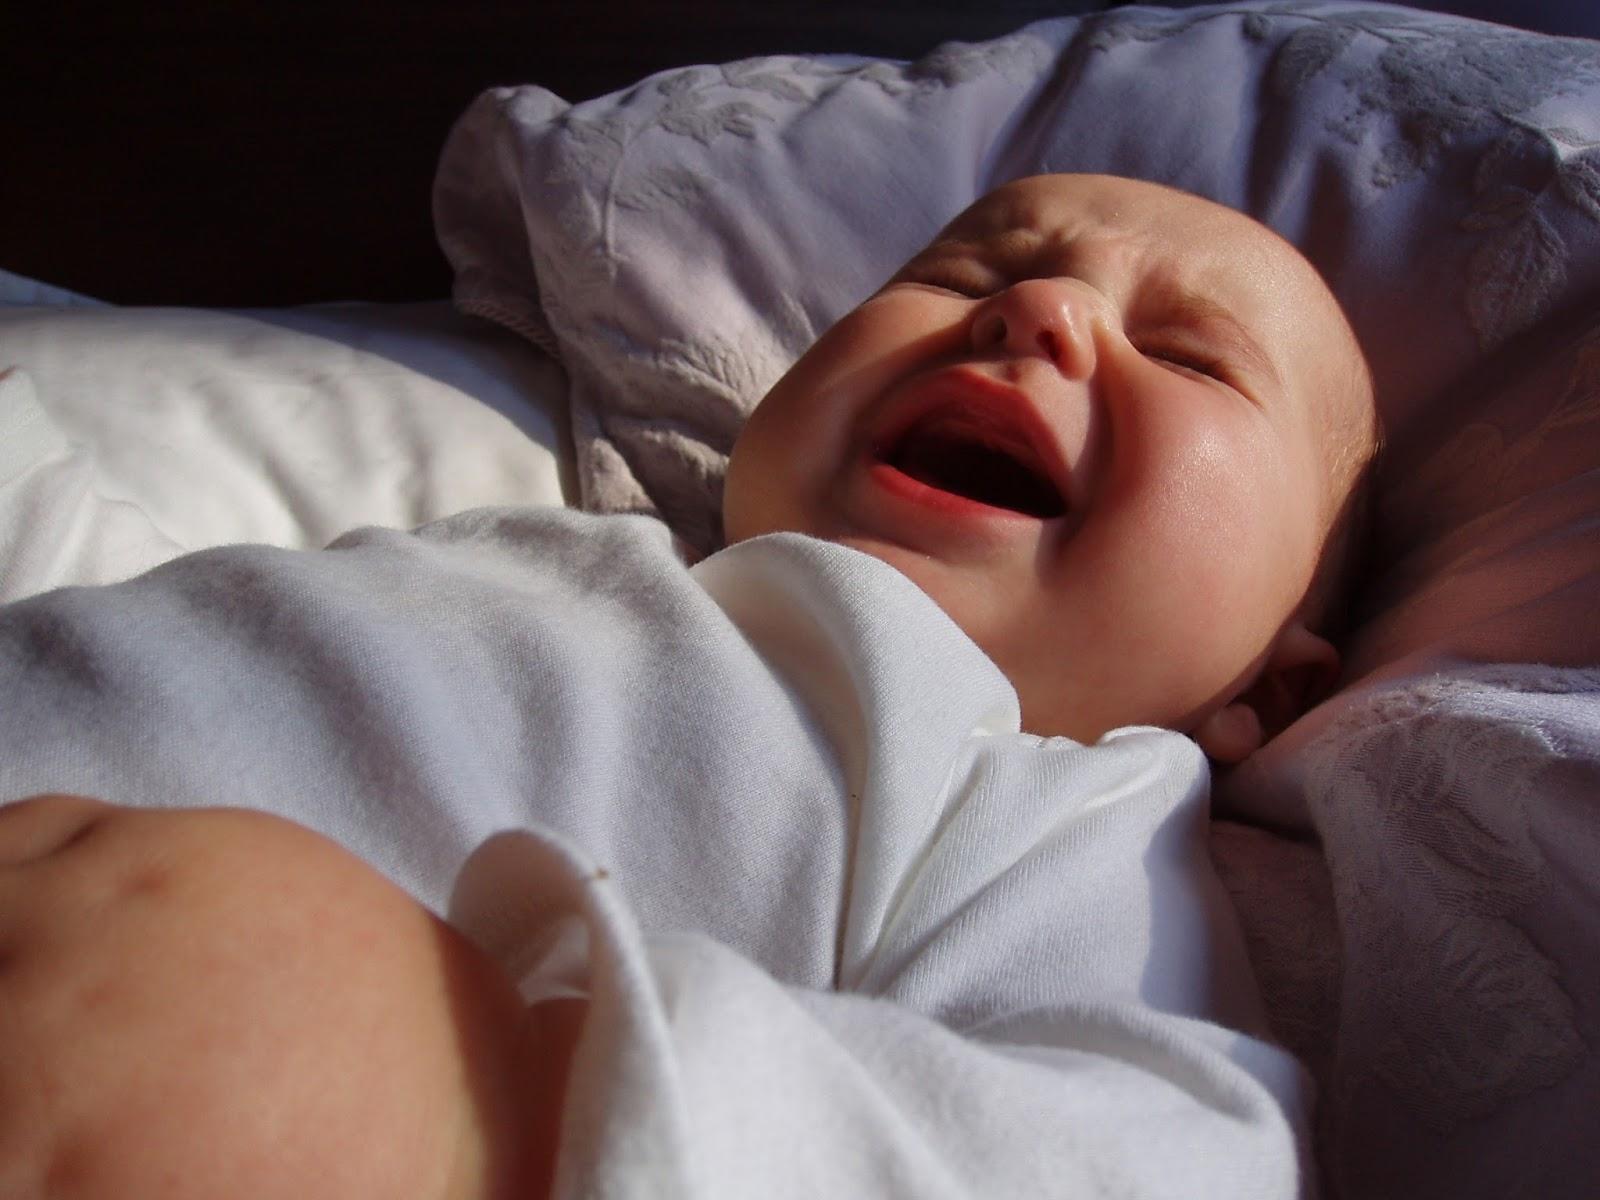 Грудничок плохо спит ночью и часто просыпается – советы доктора комаровского 2020